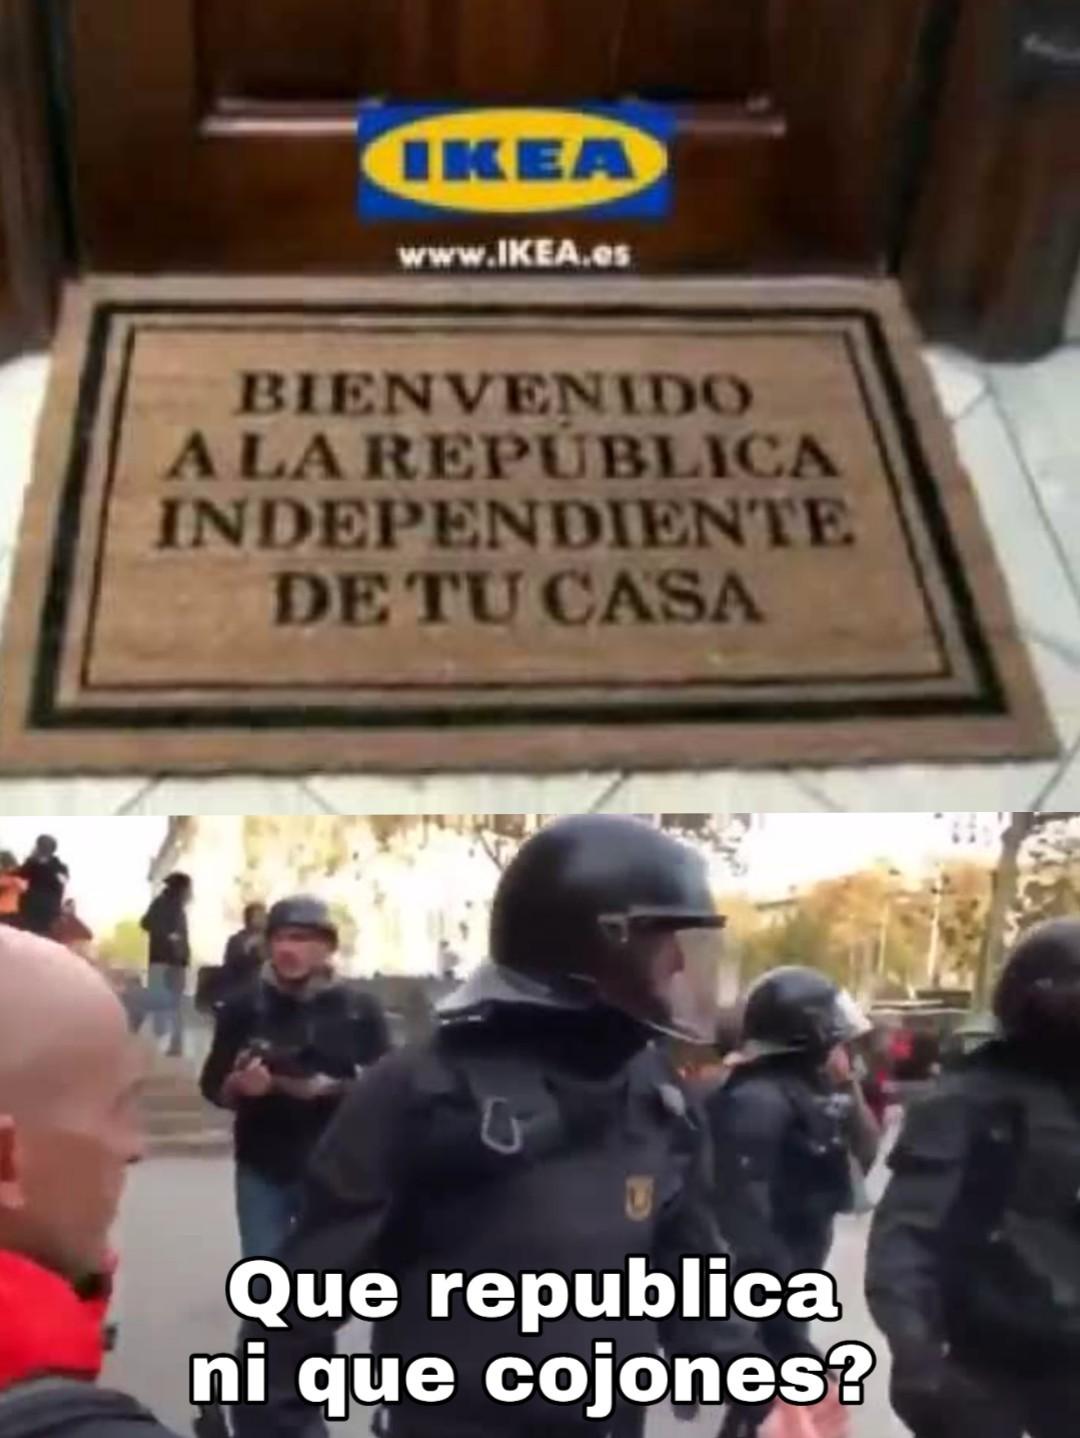 España y Cataluña en estos momentos - meme